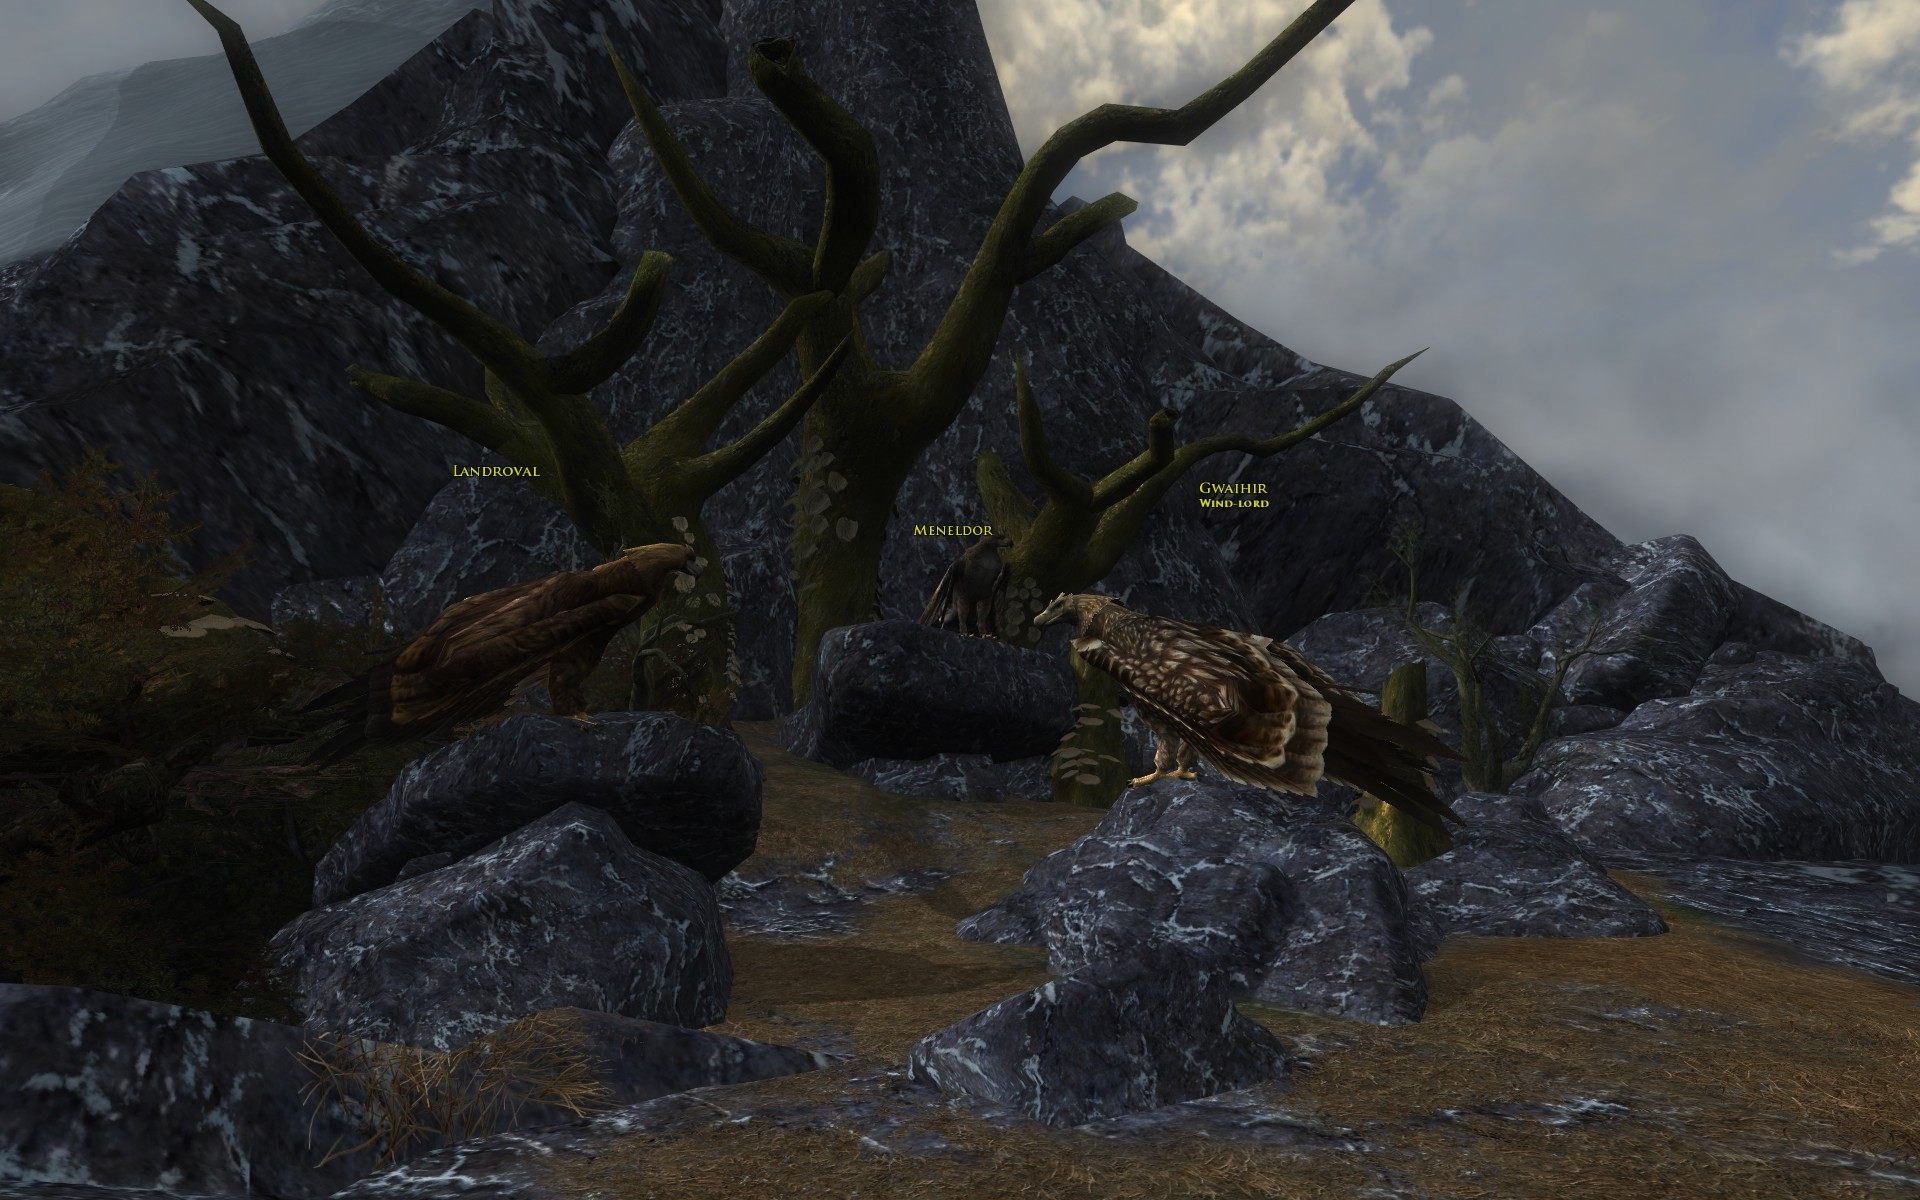 『ロード・オブ・ザ・リングス オンライン』におけるワシの巣のグワイヒア、ランドローヴァル、メネルドール